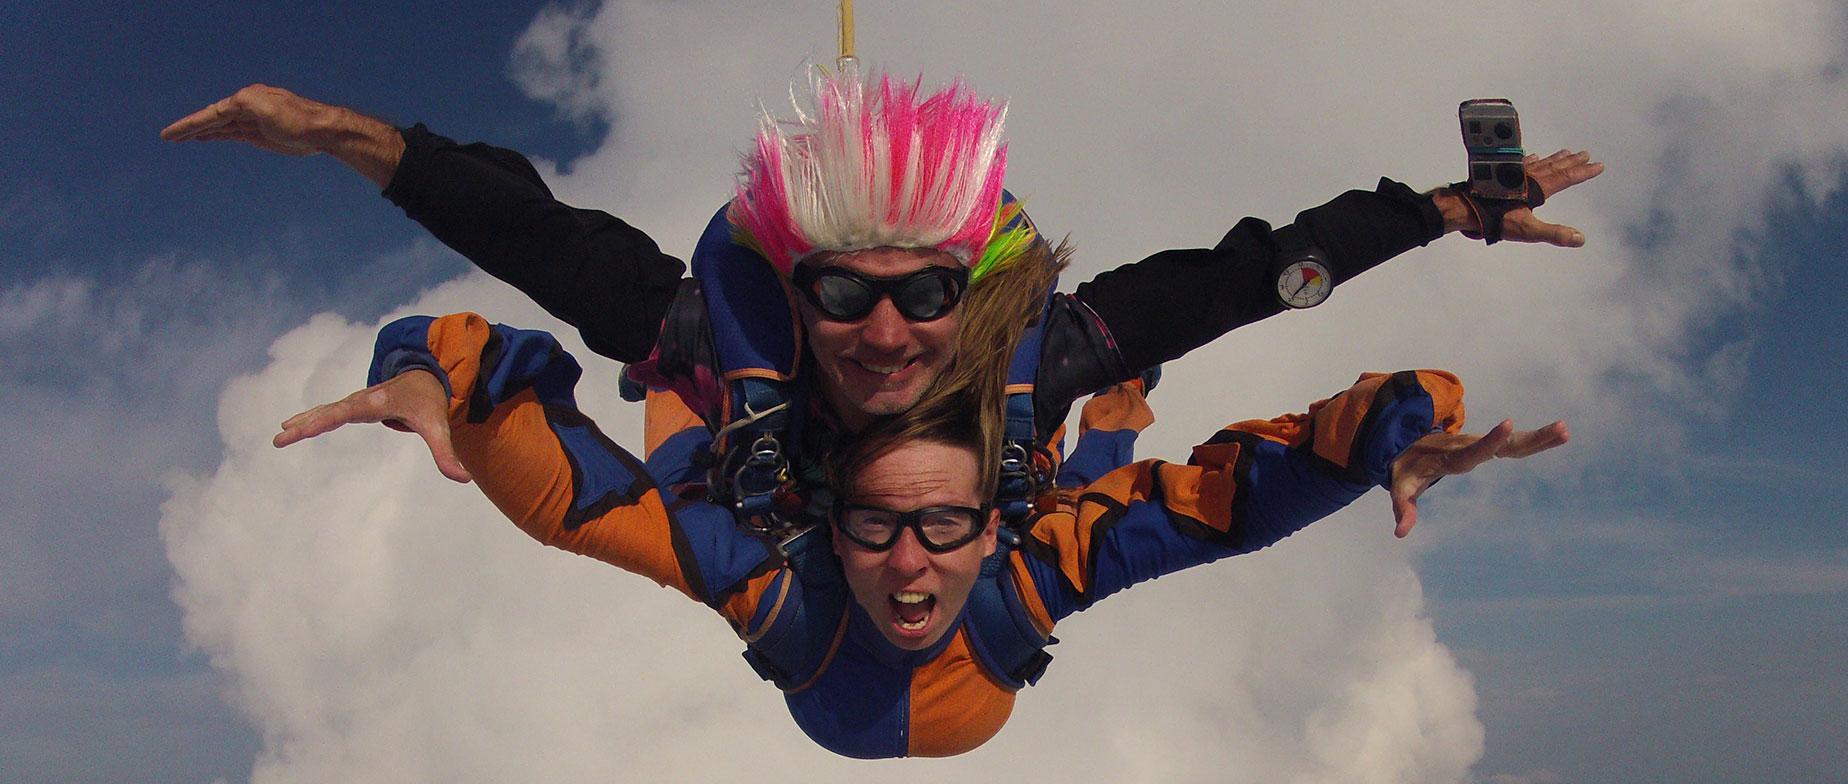 Tandemugrás 4000 méter magasból